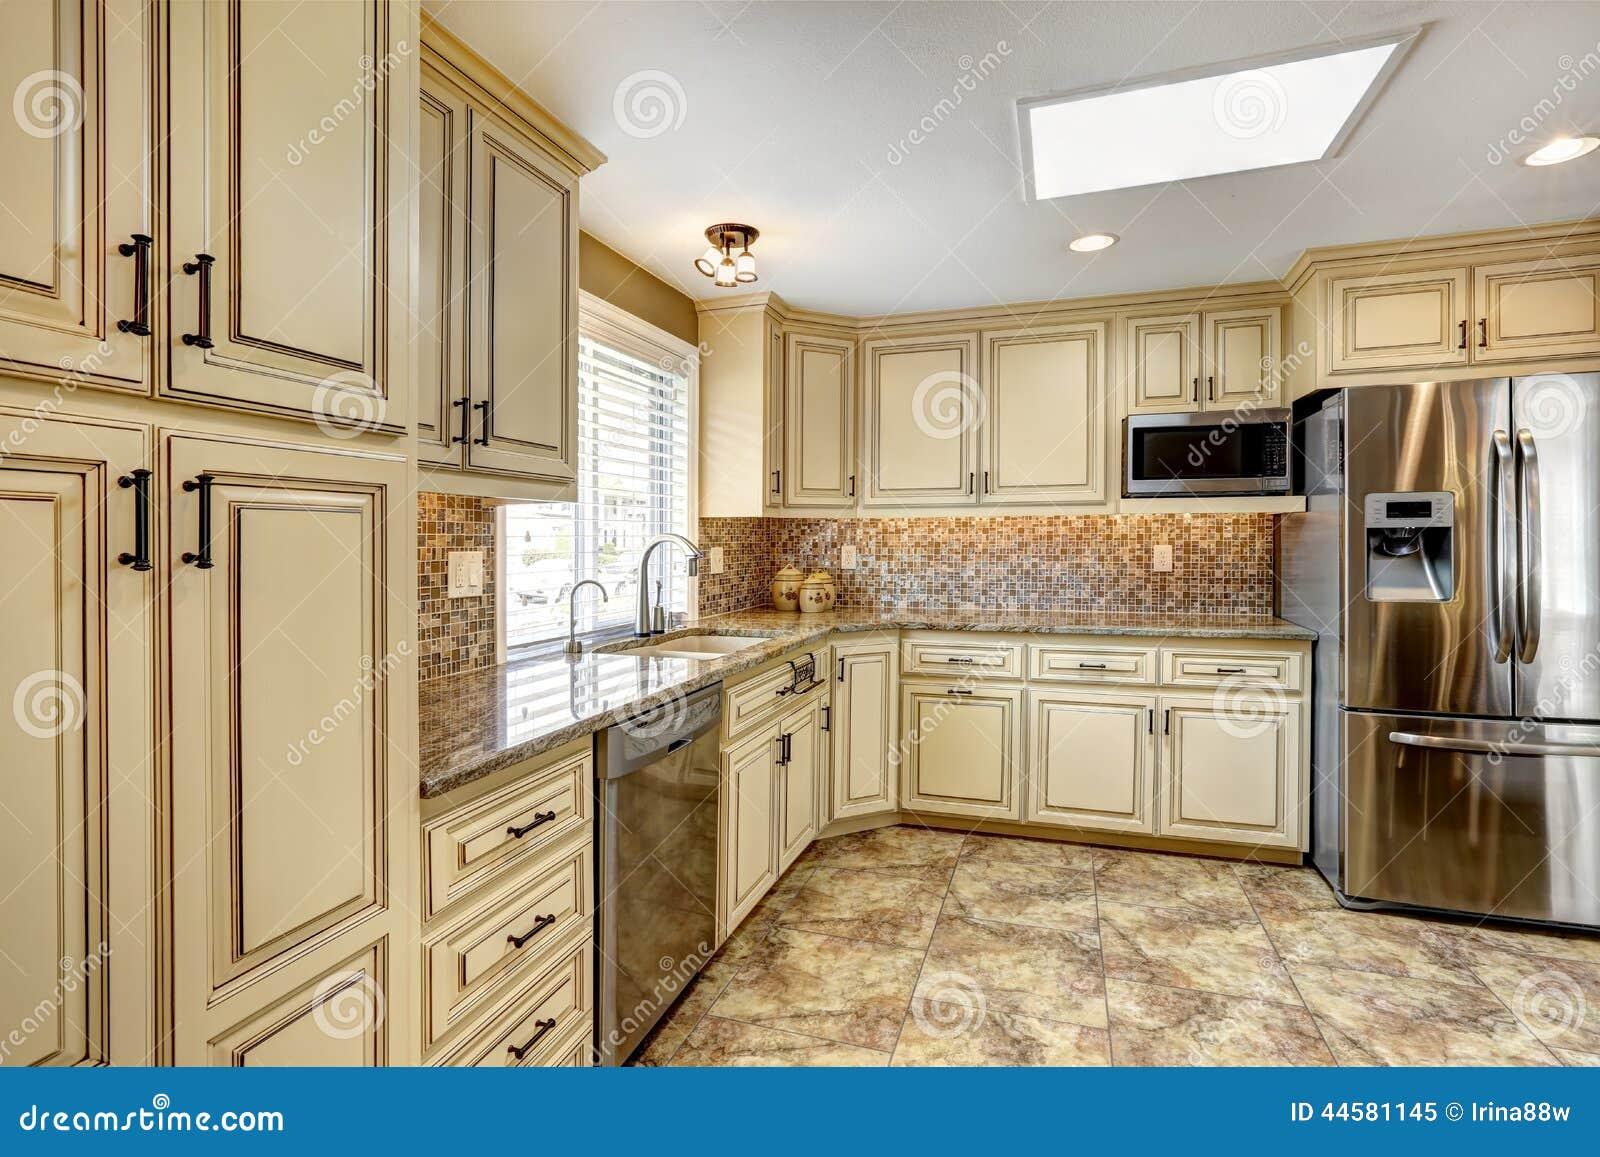 Della Cucina Con La Disposizione E La Pavimentazione In Piastrelle  #84A824 1300 957 Piastrelle Cucina Con Disegni